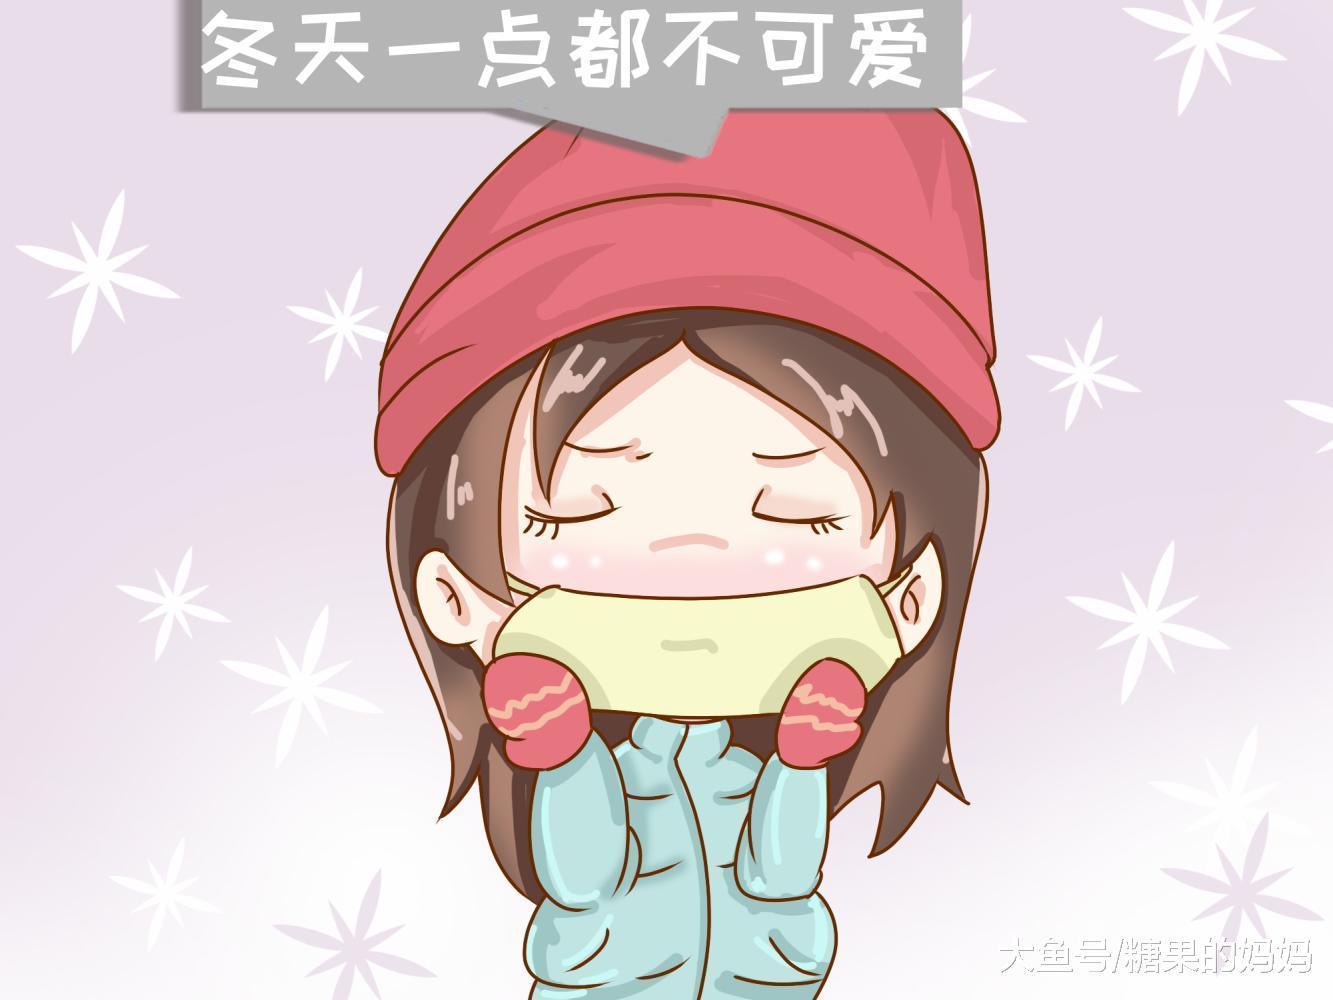 怀孕的冬天再难熬, 也不要用这几样东西御寒, 对自己和胎儿没好处